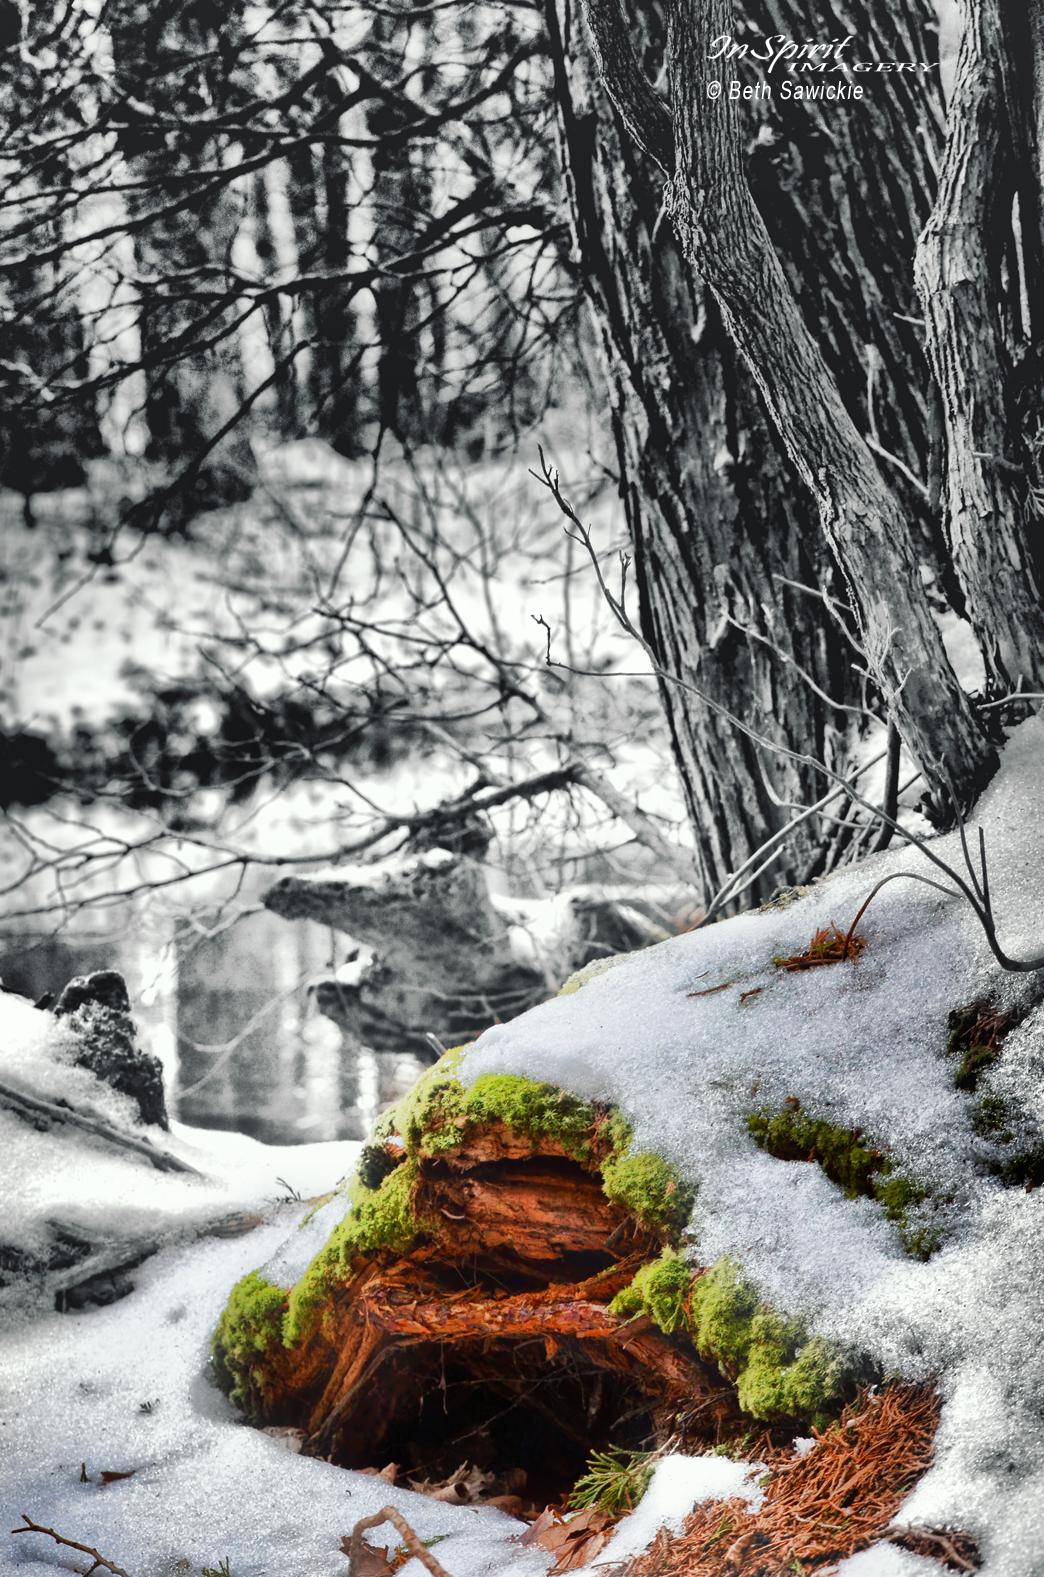 """Image by Beth Sawickie - www.BethSawickie.com """"Gnome Home #1"""""""